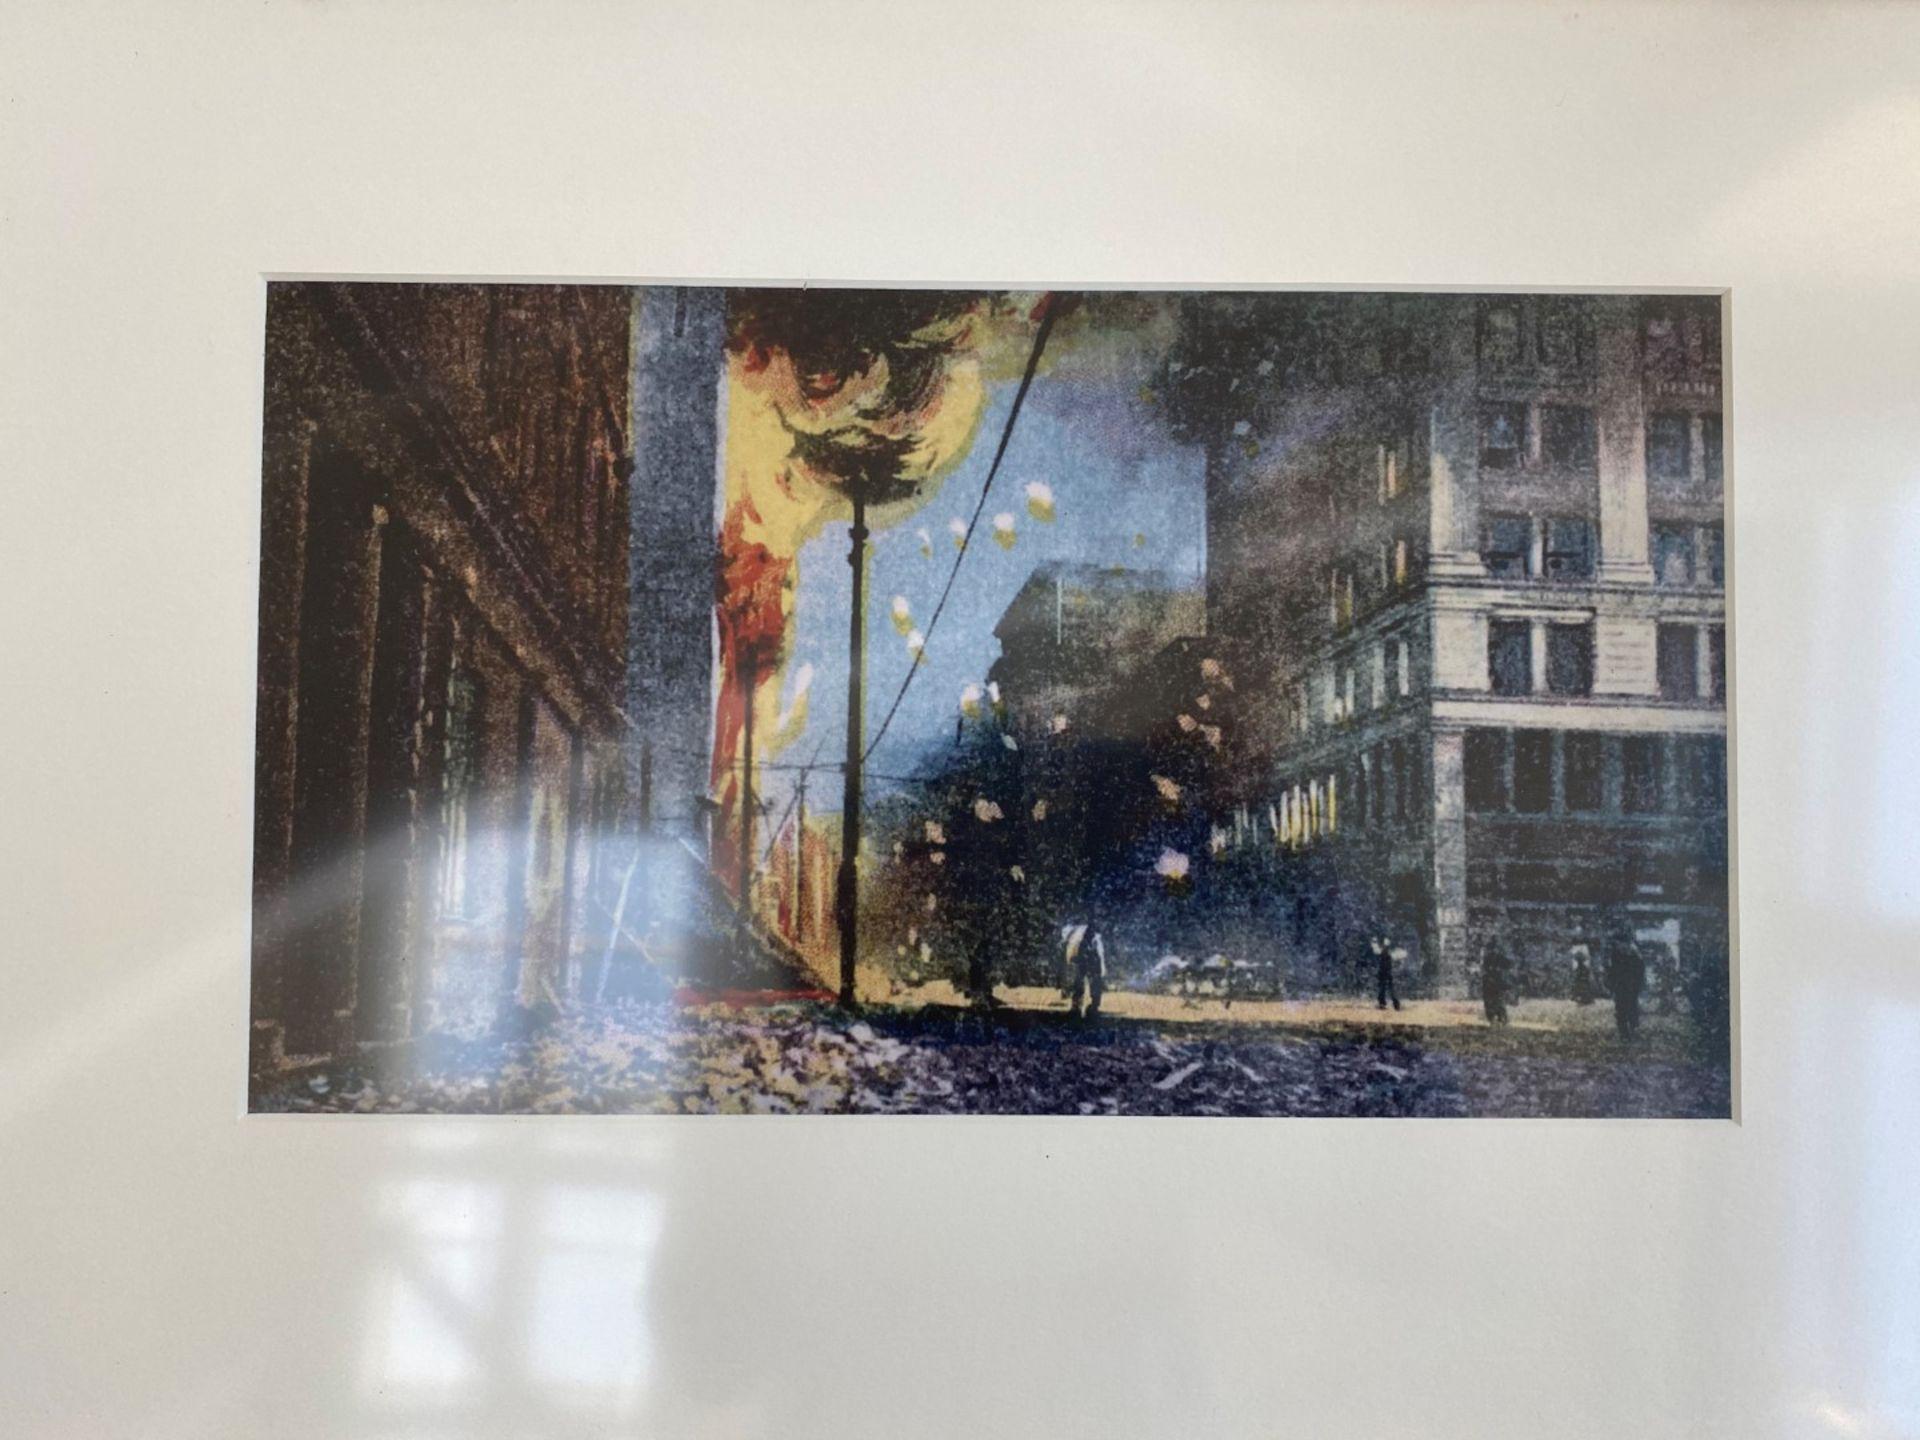 Framed Sketch Prints - Image 2 of 8